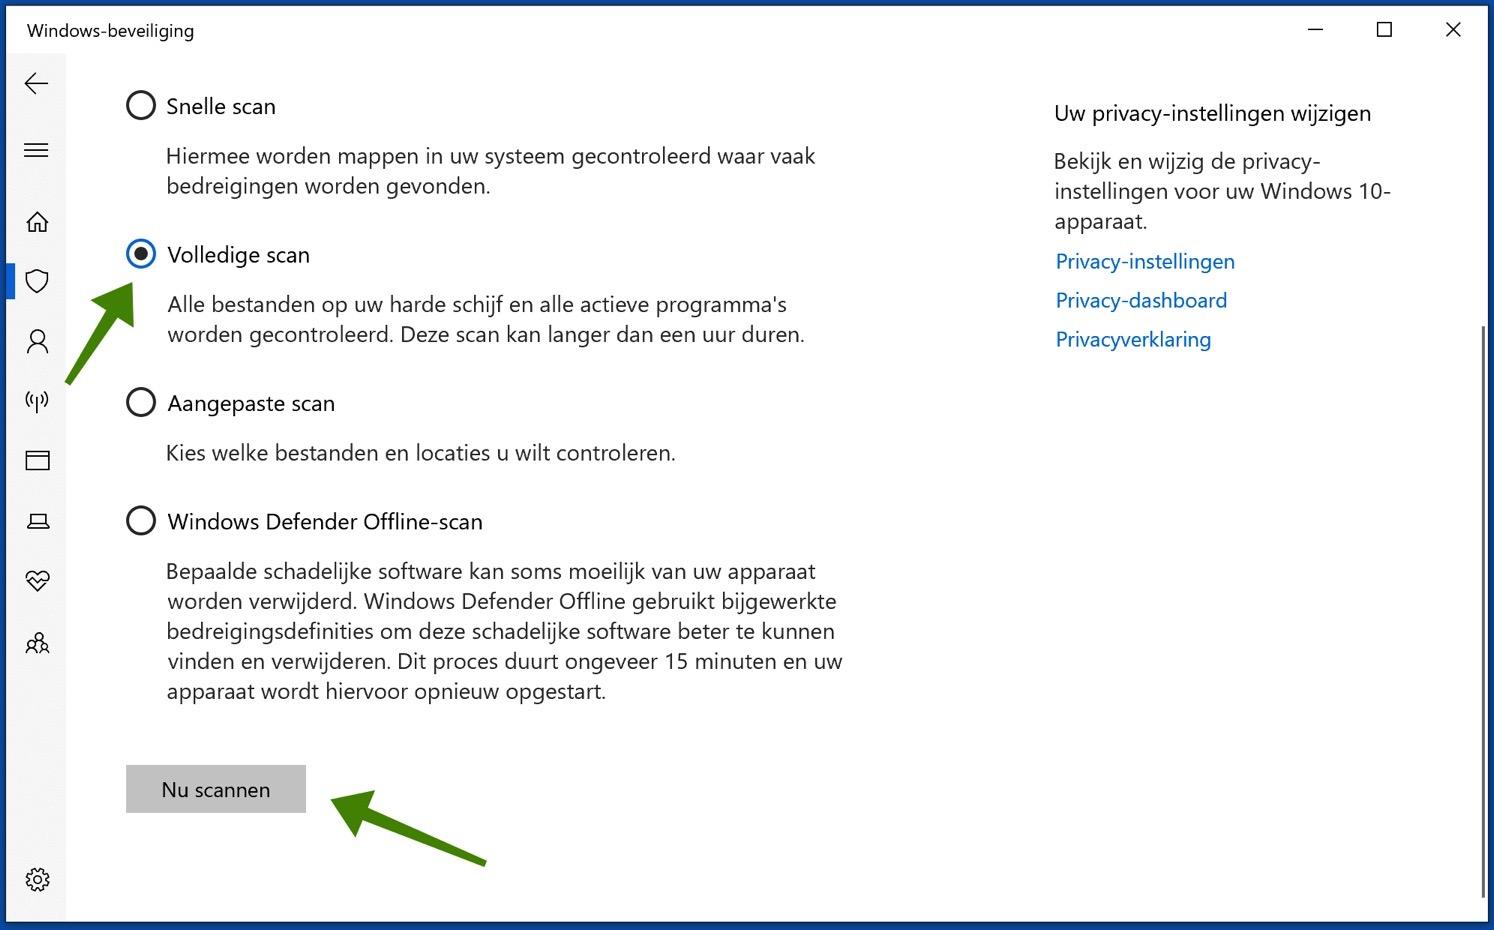 windows defender antivirus volledige scan